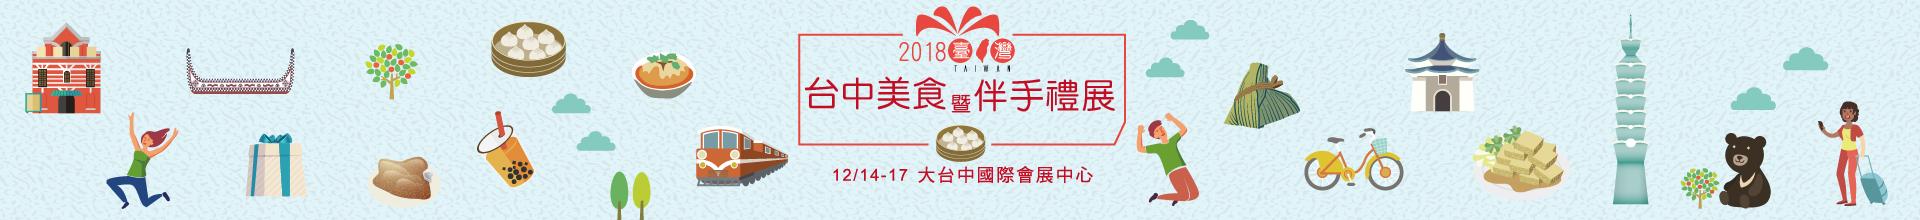 2018台中美食暨伴手禮展